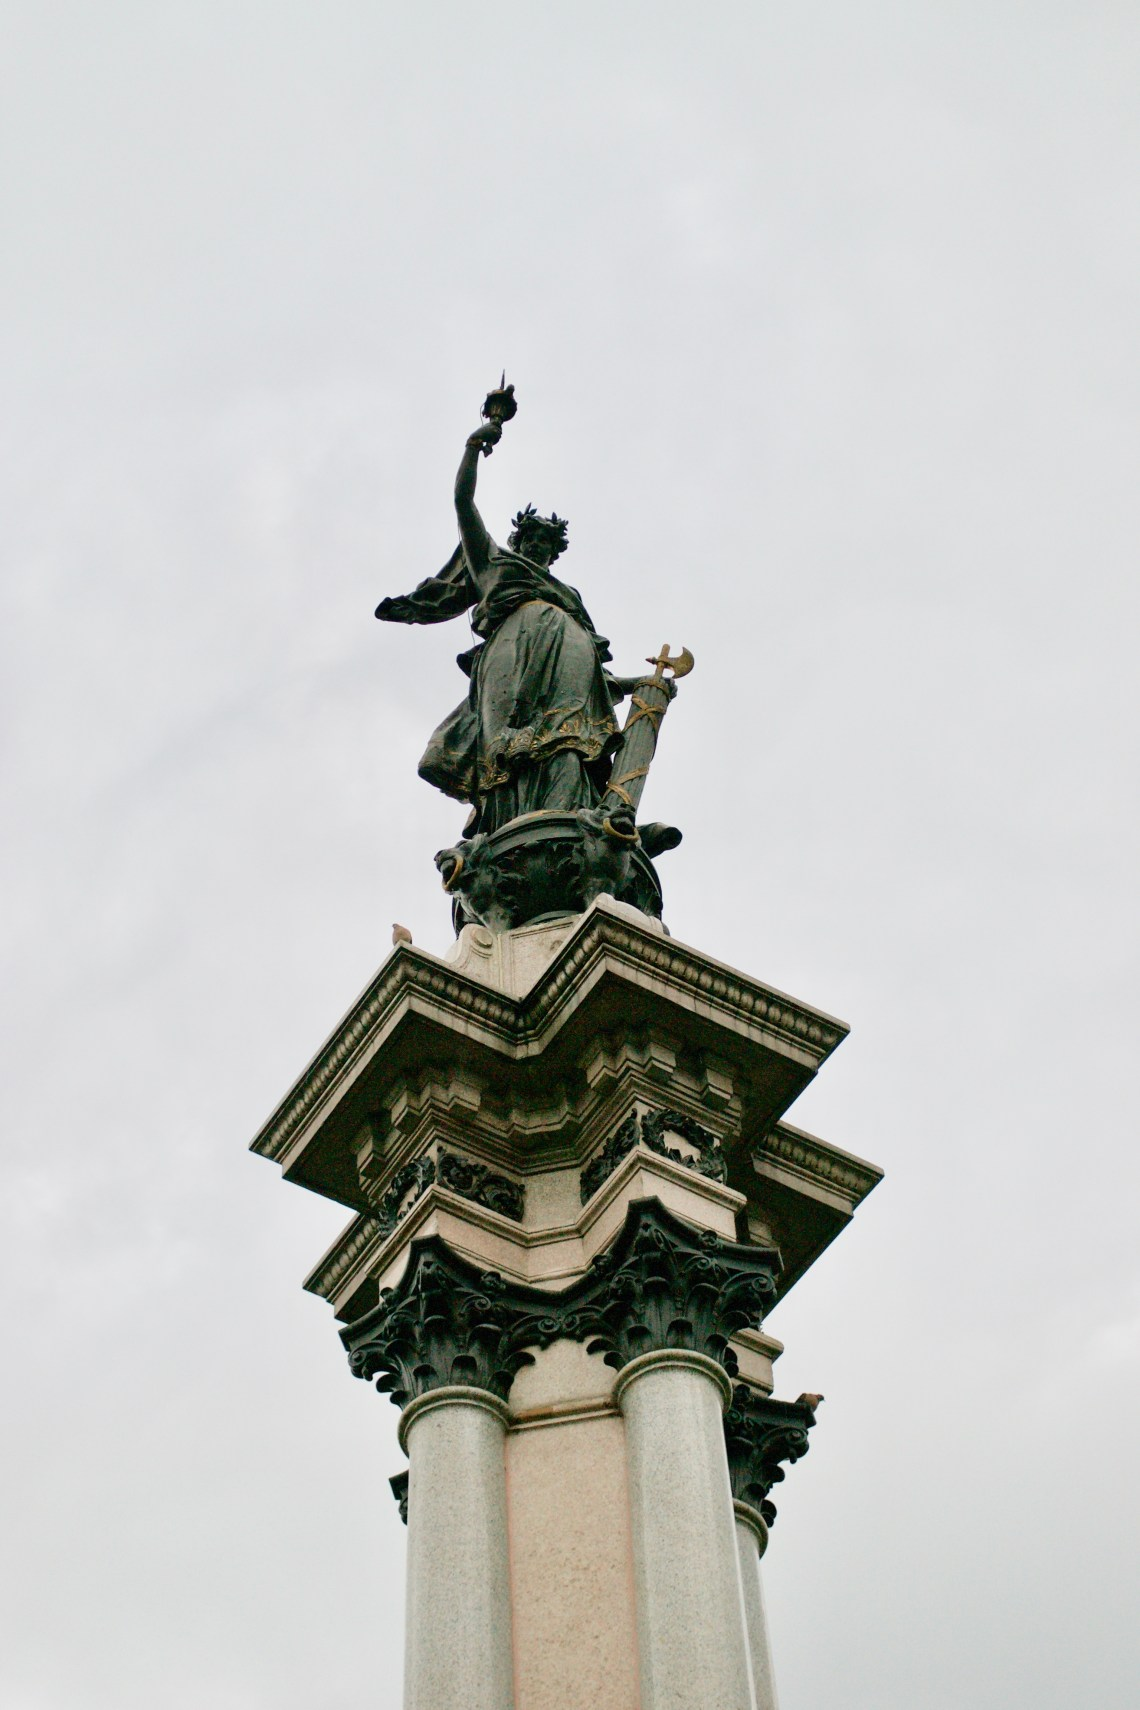 Quito, Russia